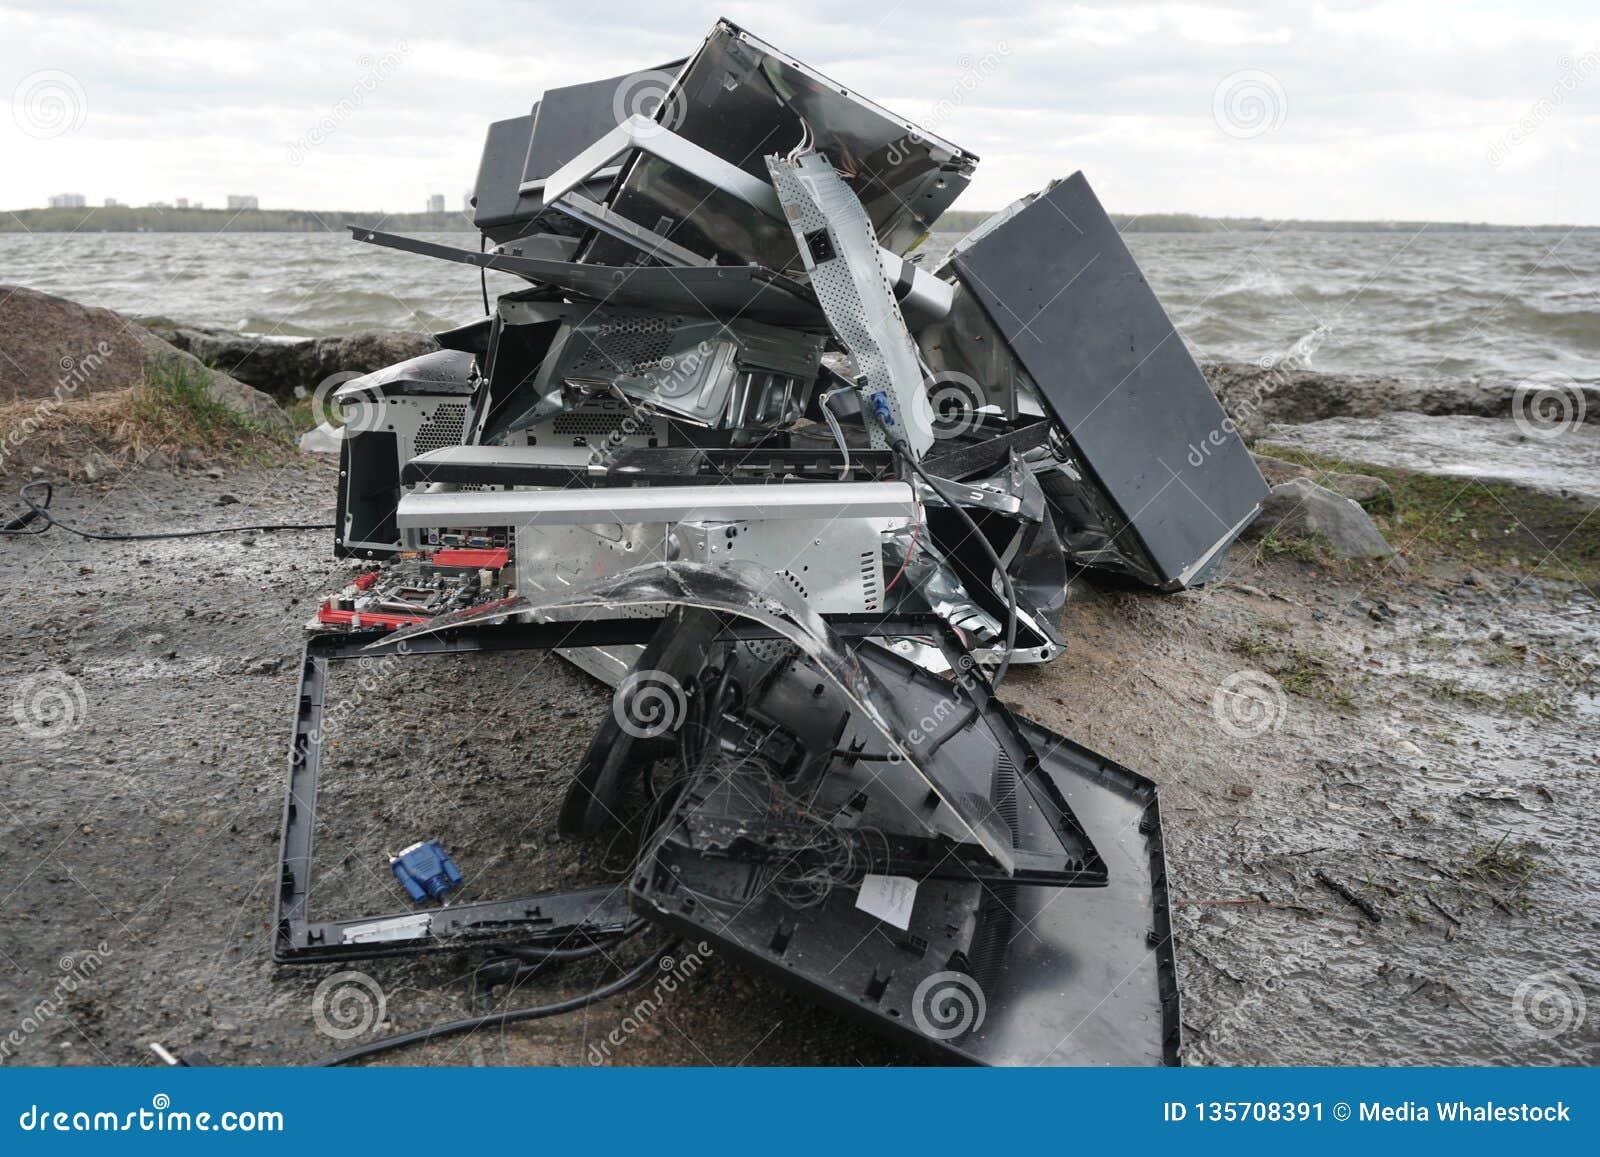 Έννοια της ελευθερίας από τον εθισμό υπολογιστών - το άτομο σπάζει τη μονάδα συστημάτων ενός υπολογιστή με ένα hummer έξω, λίμνη